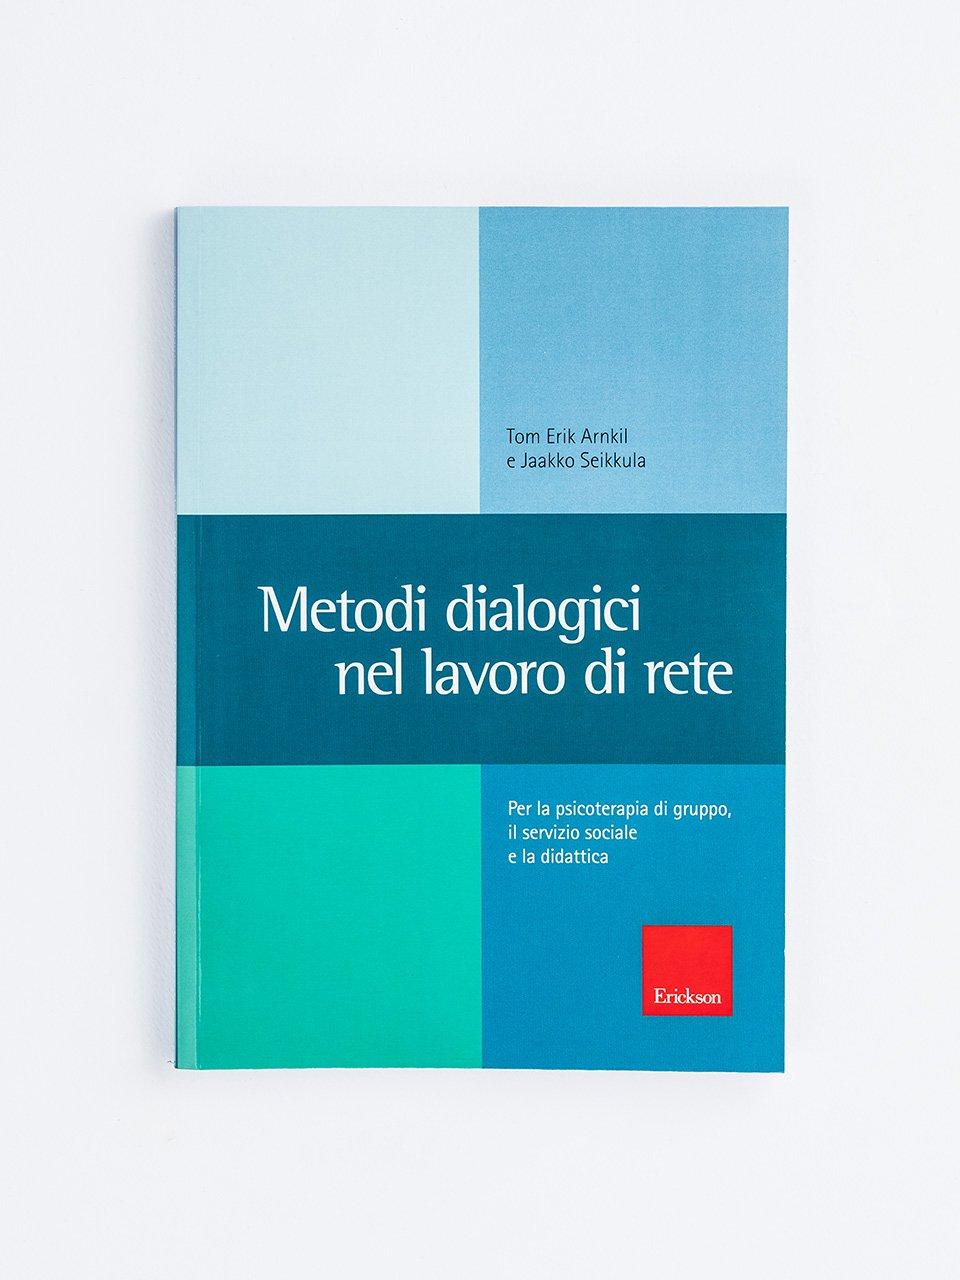 Metodi dialogici nel lavoro di rete - Terapista Occupazionale - Erickson